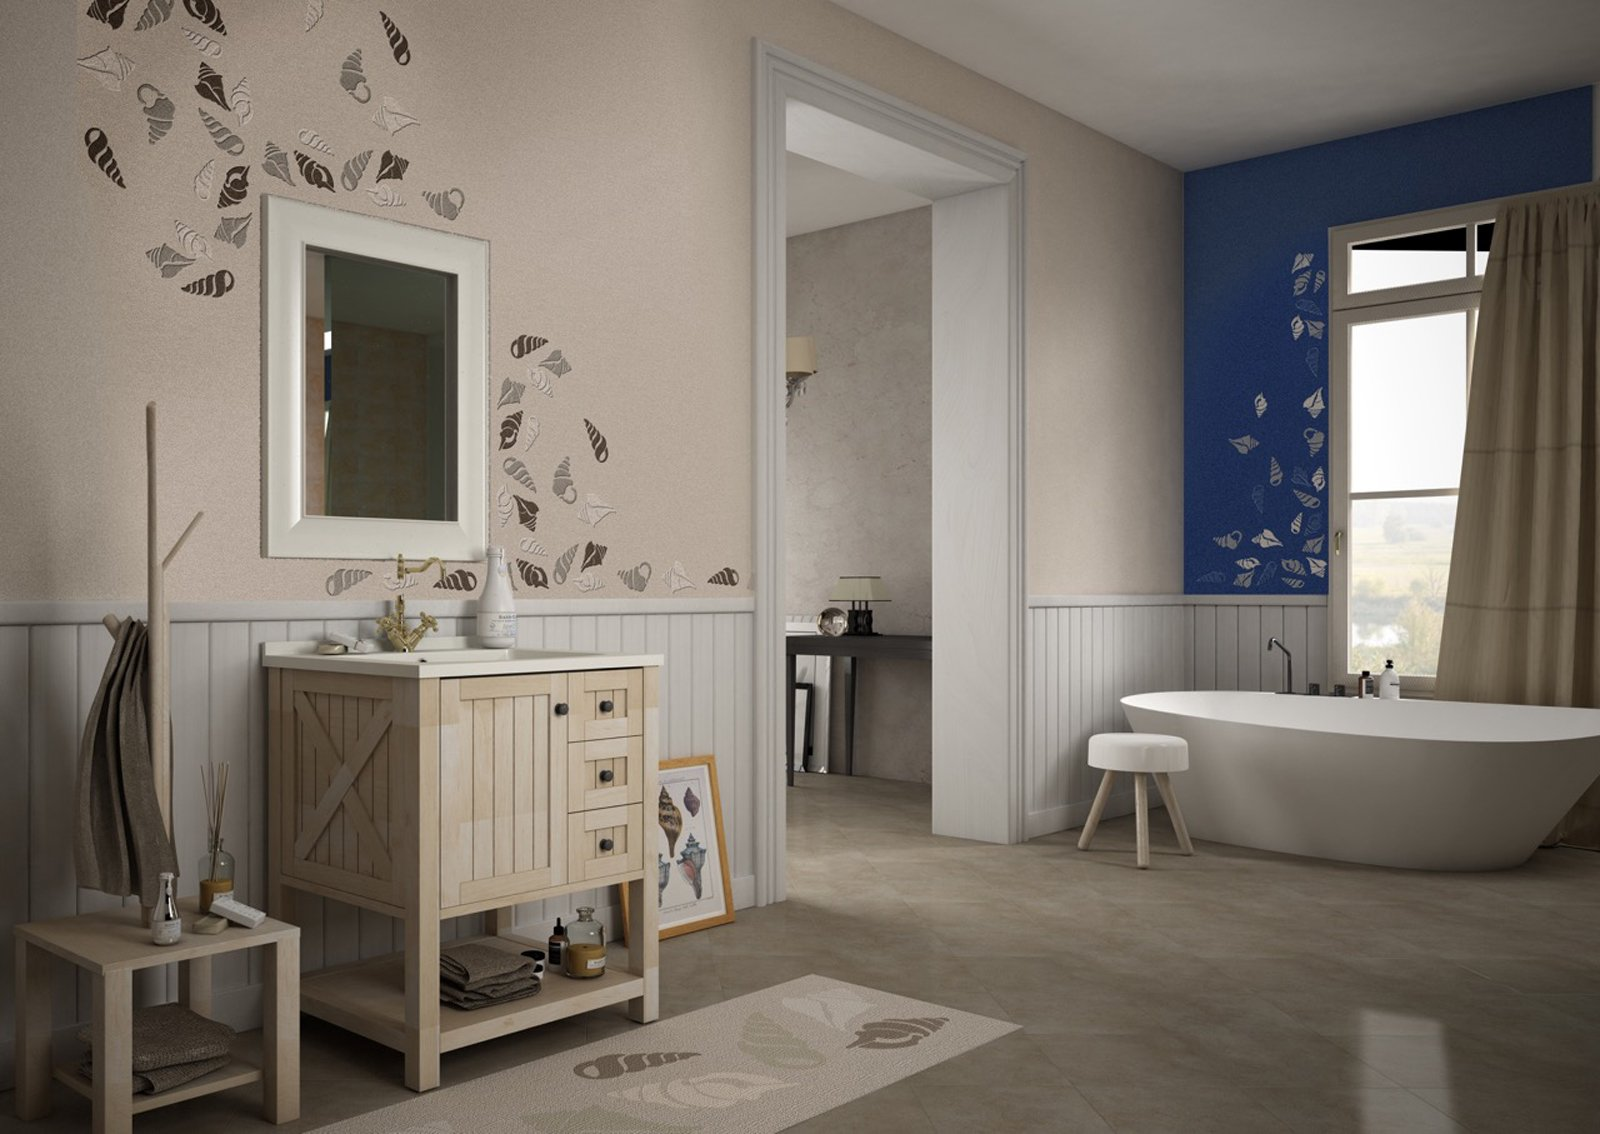 Rinnovare il bagno senza togliere le piastrelle risparmiando anche tempo cose di casa - Bagno di casa ...